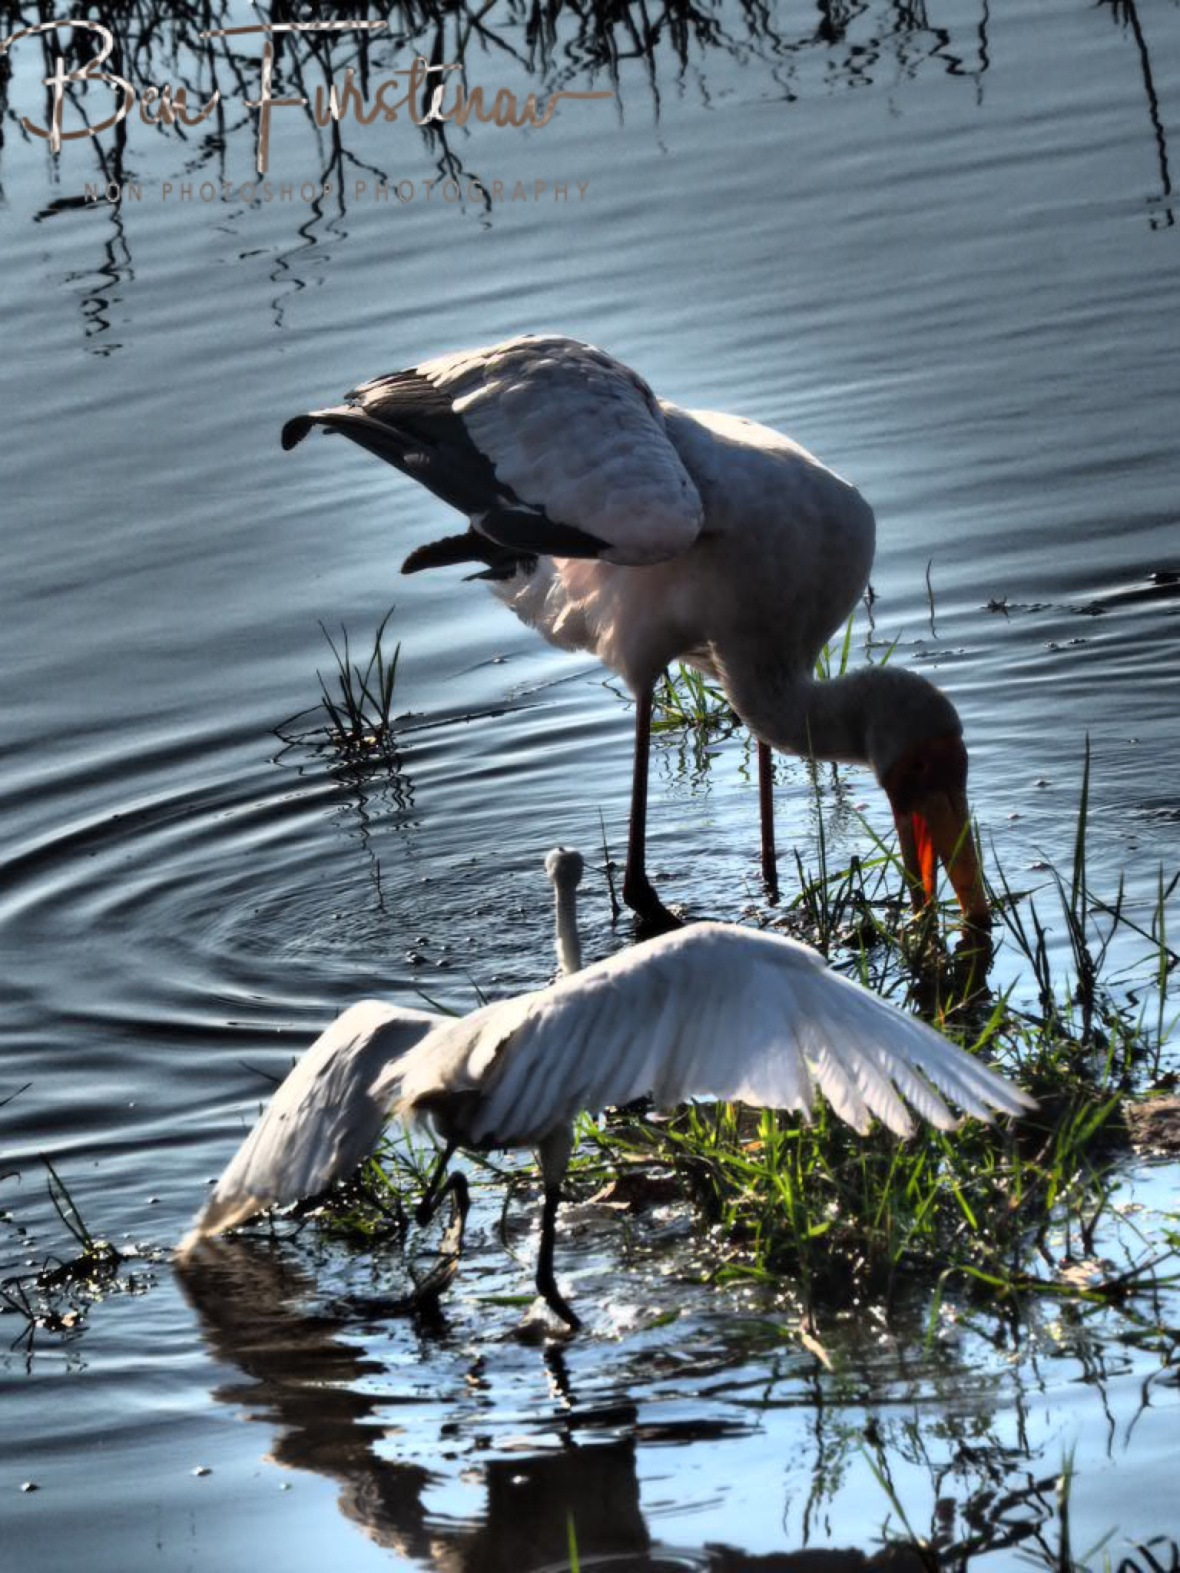 An Egret rushing to the scene, Chobe National Park, Botswana